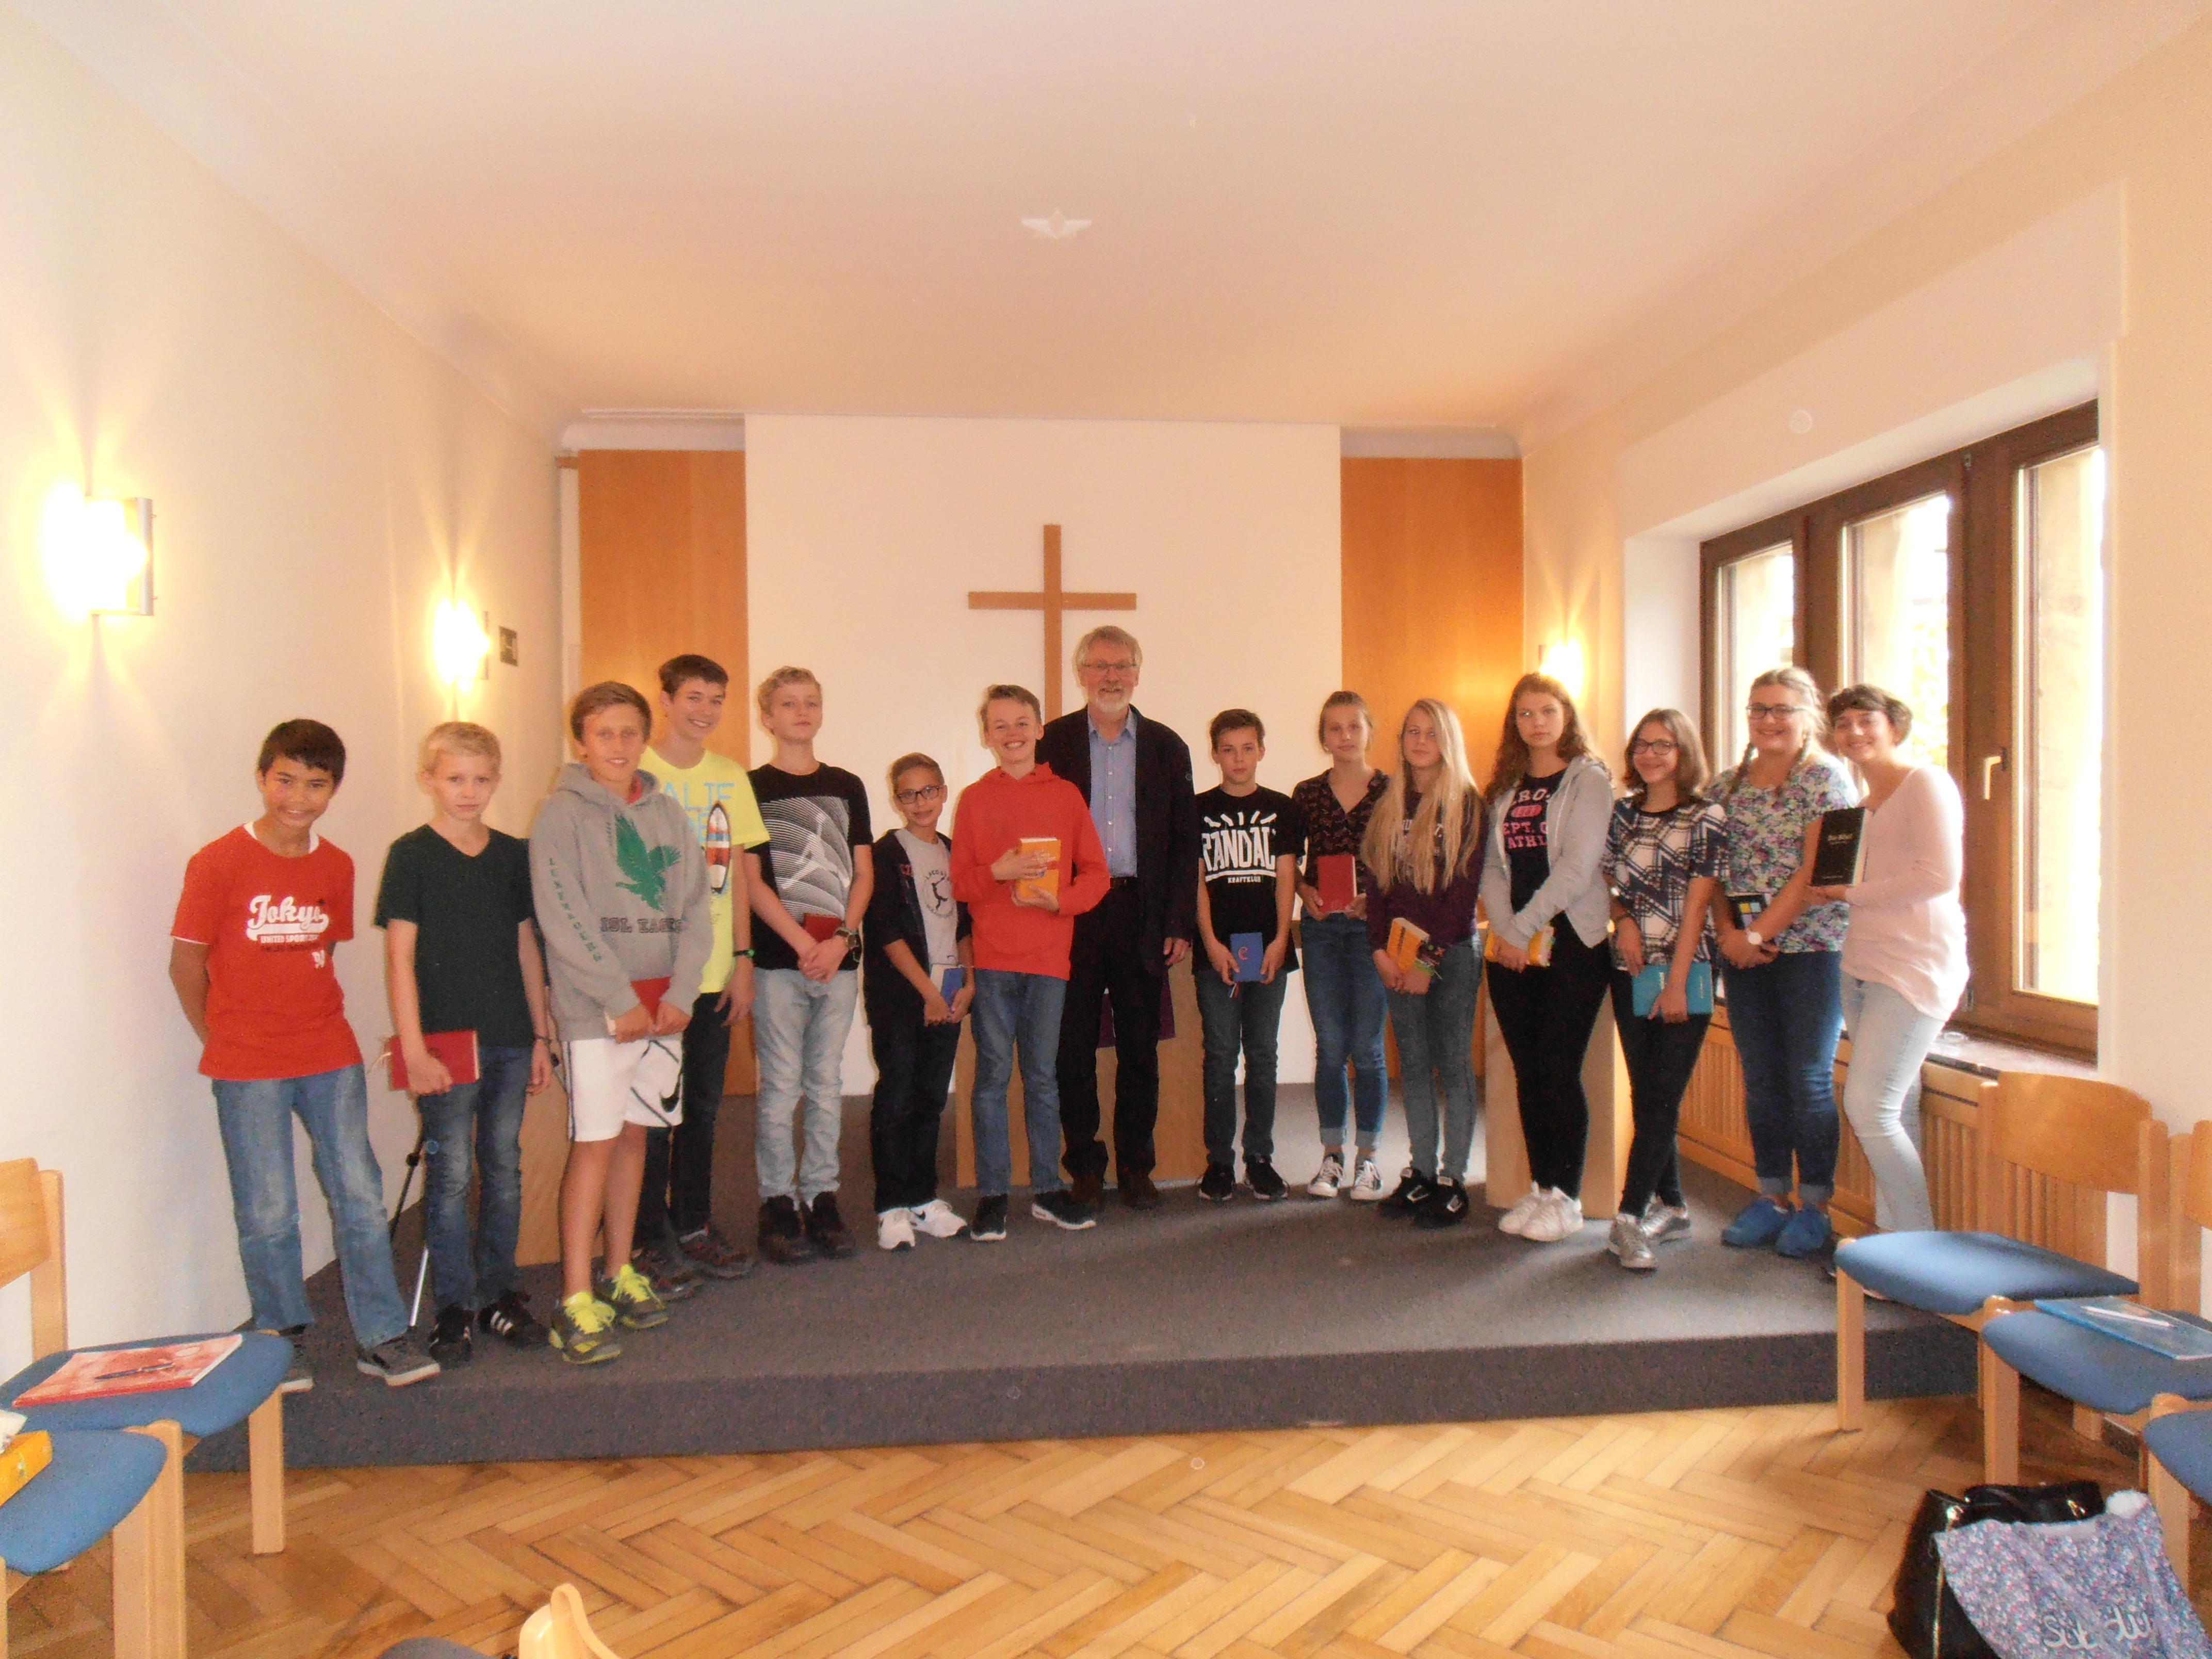 evangelische gemeinde kirche luxemburg deutsch | konfirmation